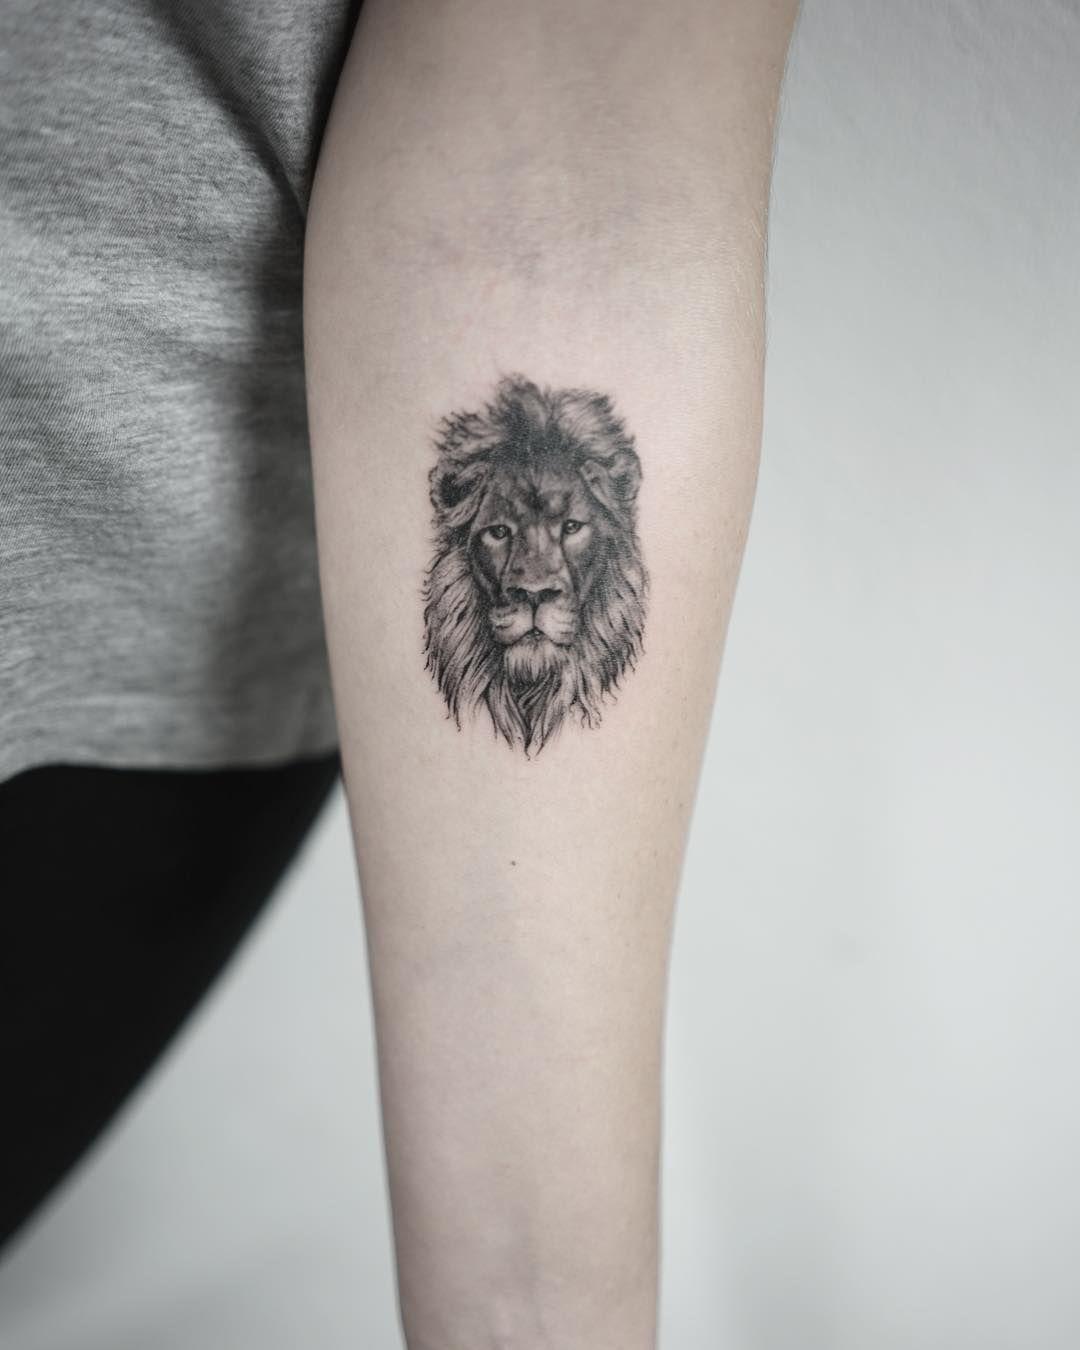 Lion Tattoo Fineline Realism Tattoo Fineline Tattoo Bern Tattoo Schweiz Switzerland Tattoo Tattoo Studio Bern Fema Neck Tattoo Neck Tattoos Women Tattoos